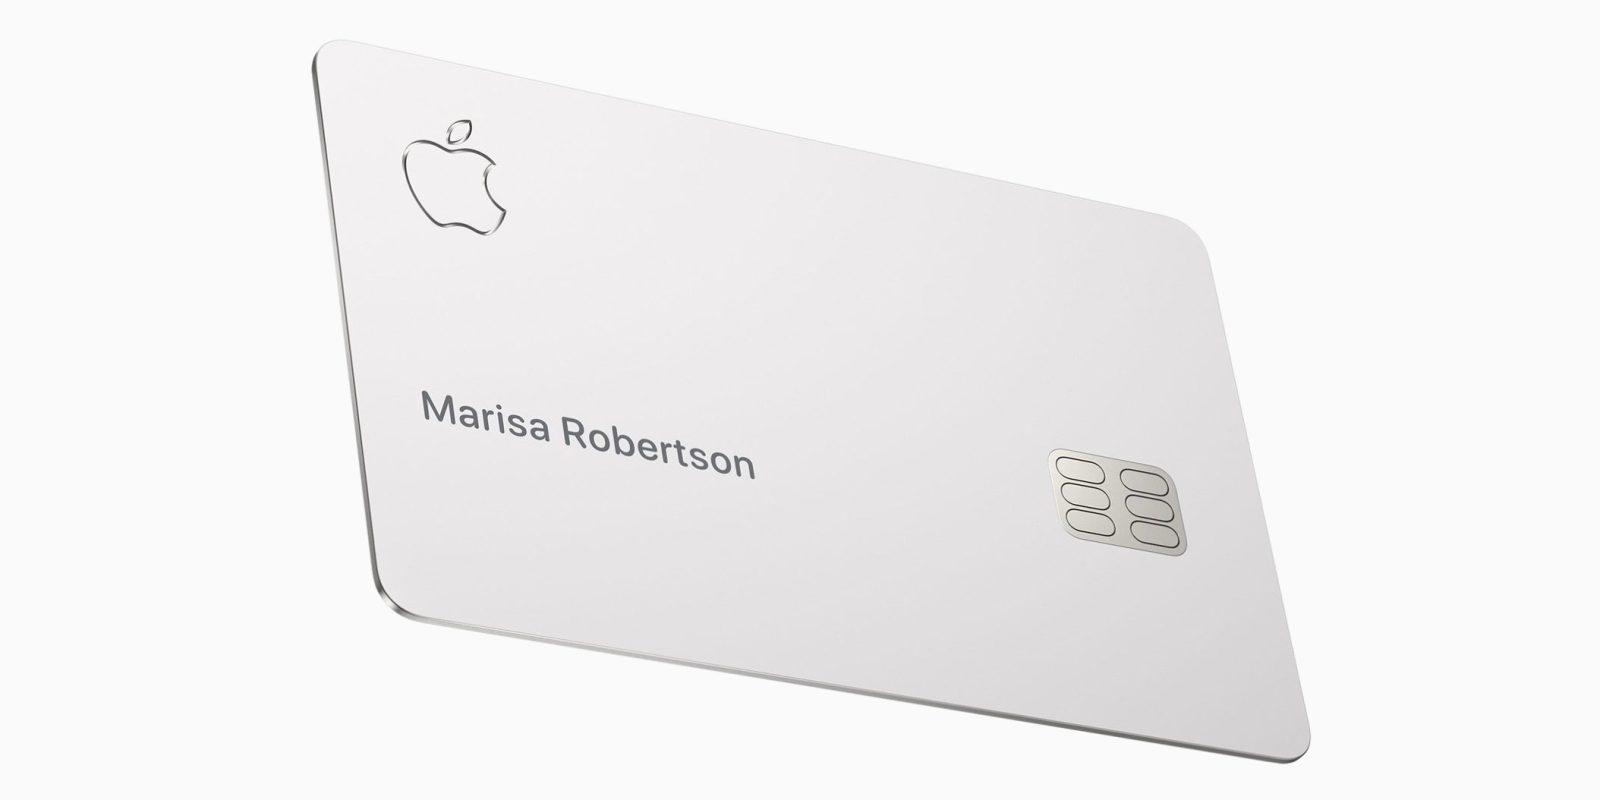 Apple Card : la carte bancaire d'Apple sortira au mois d'août